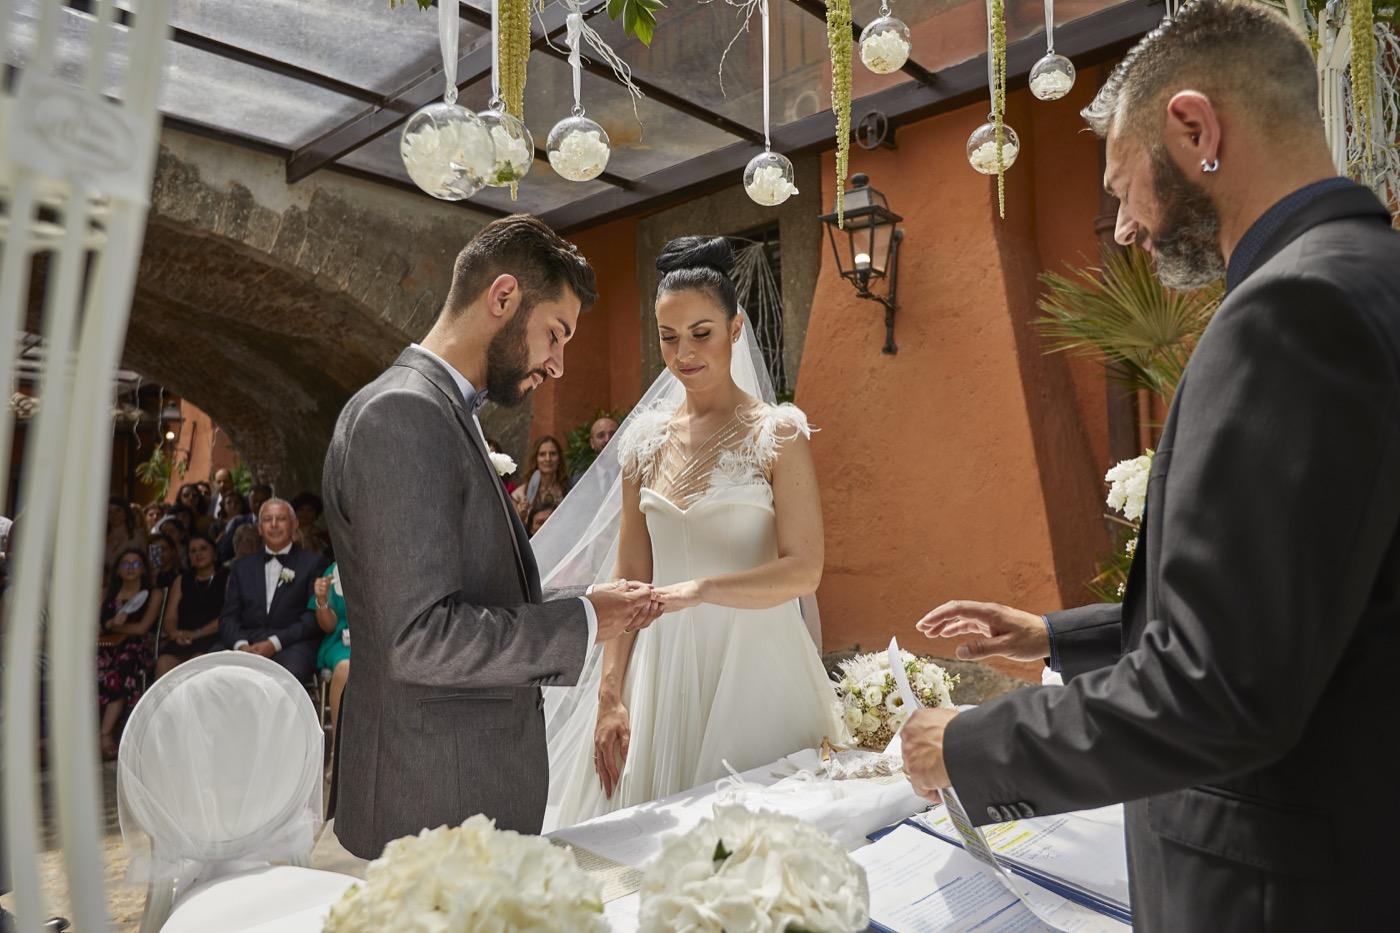 Claudio-Coppola-wedding-photographer-villa-del-cardinale-rocca-di-papa-castel-gandolfo-41